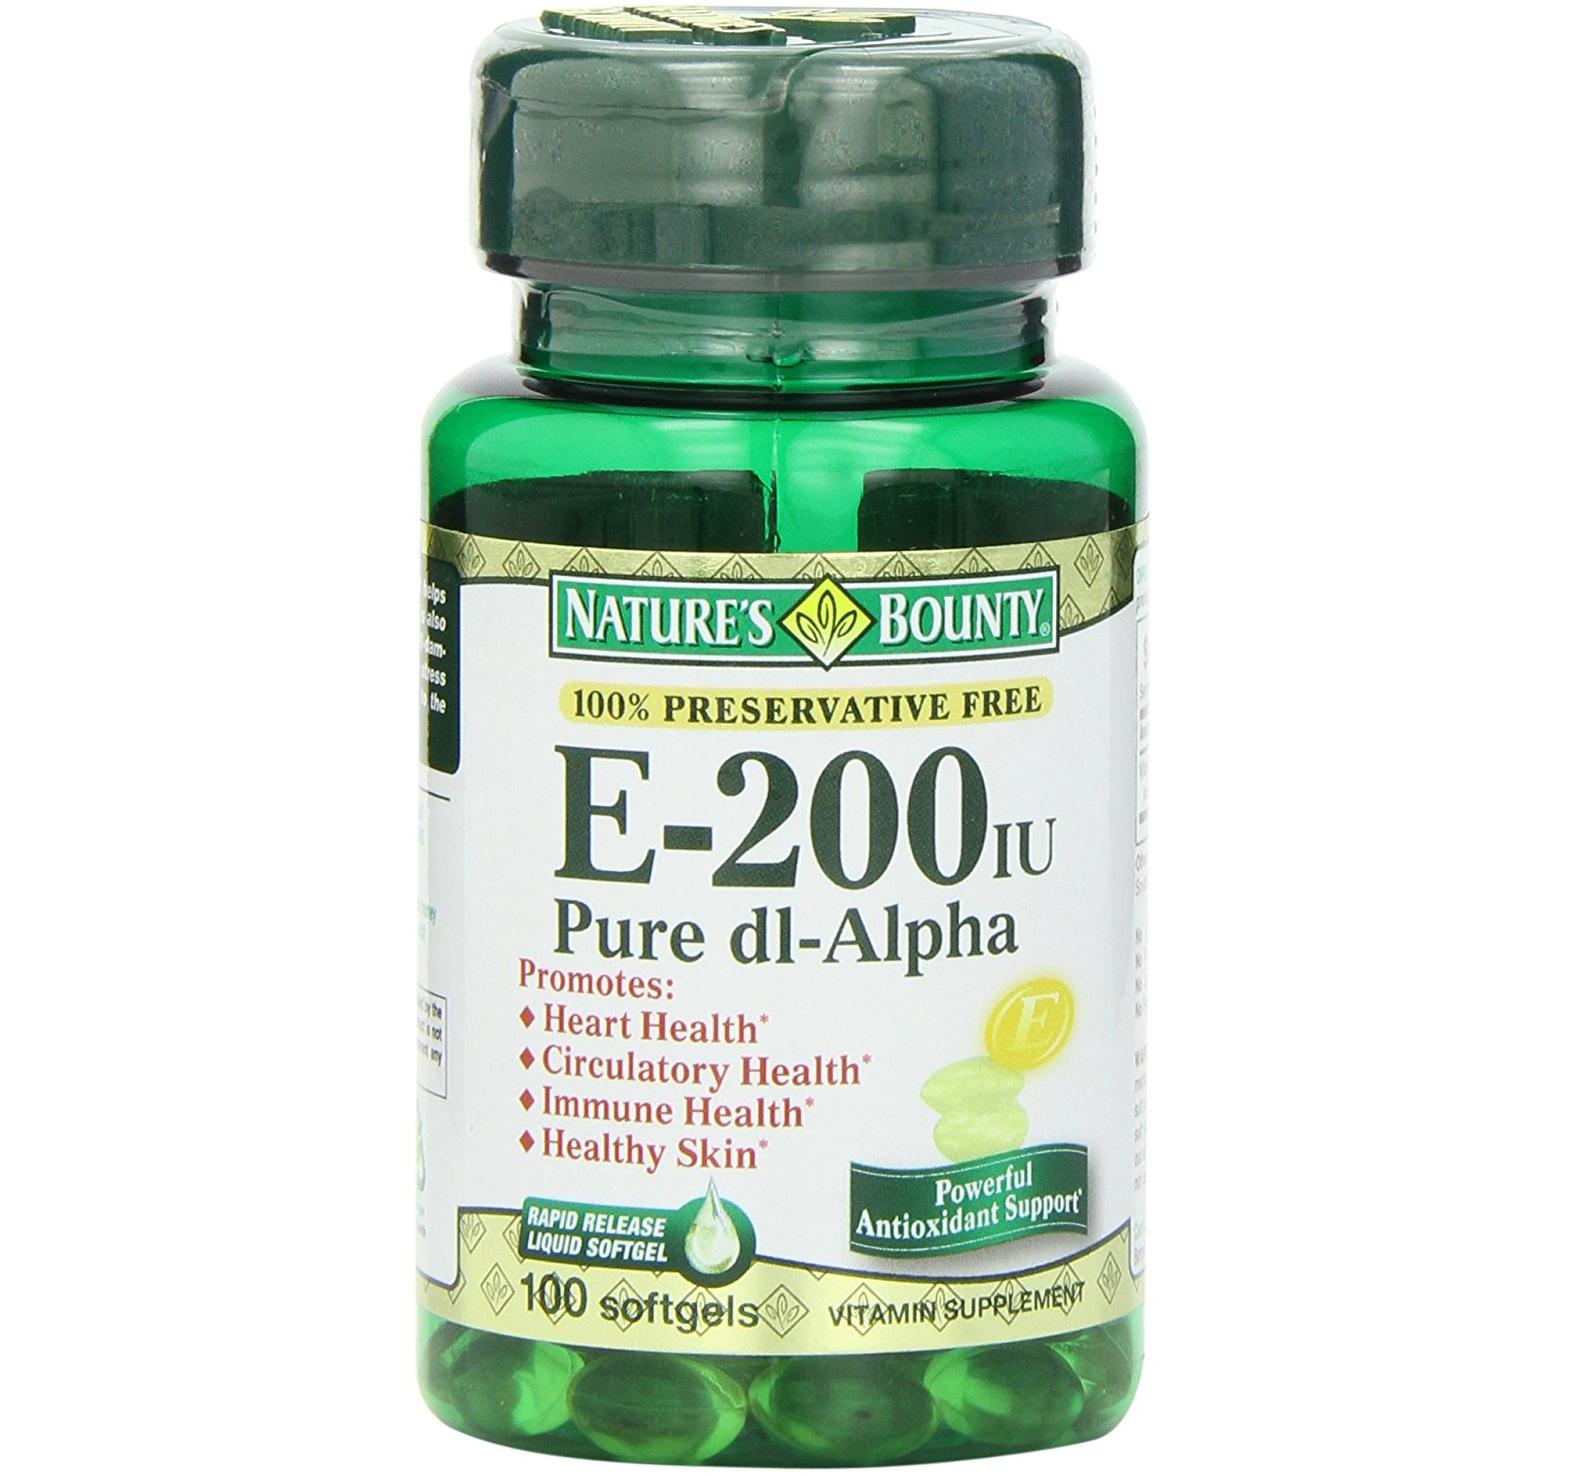 Natures Bounty ΒιταμίνηΕΣυμπλήρωμα ΔιατροφήςΠλούσια σε Αντιοξειδωτικά200IU 100caps